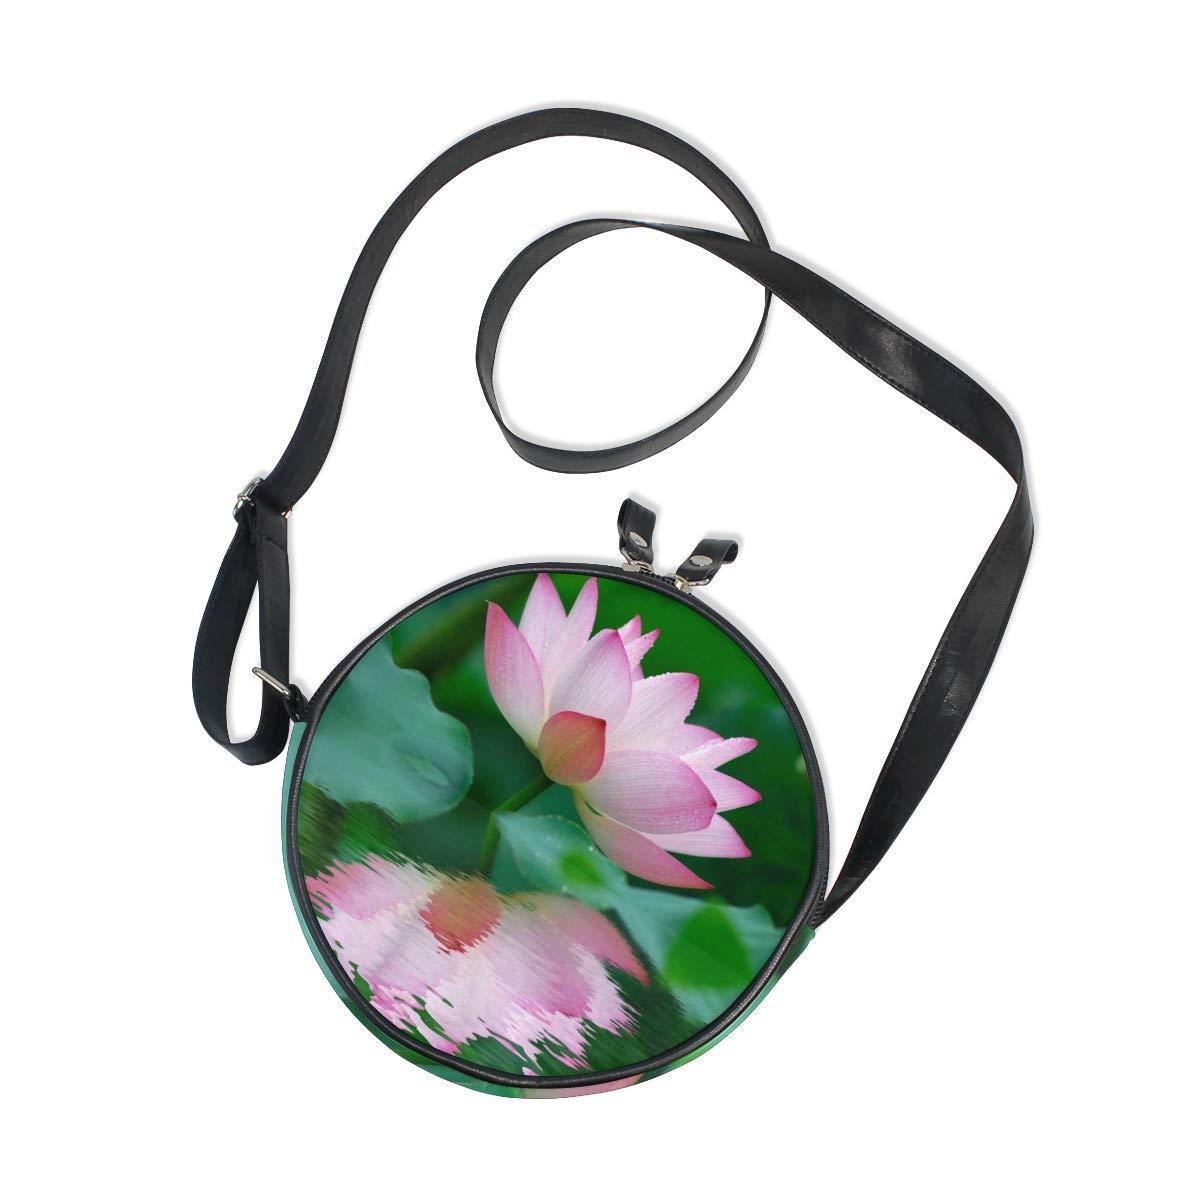 KEAKIA Pink Lotus Round Crossbody Bag Shoulder Sling Bag Handbag Purse Satchel Shoulder Bag for Kids Women